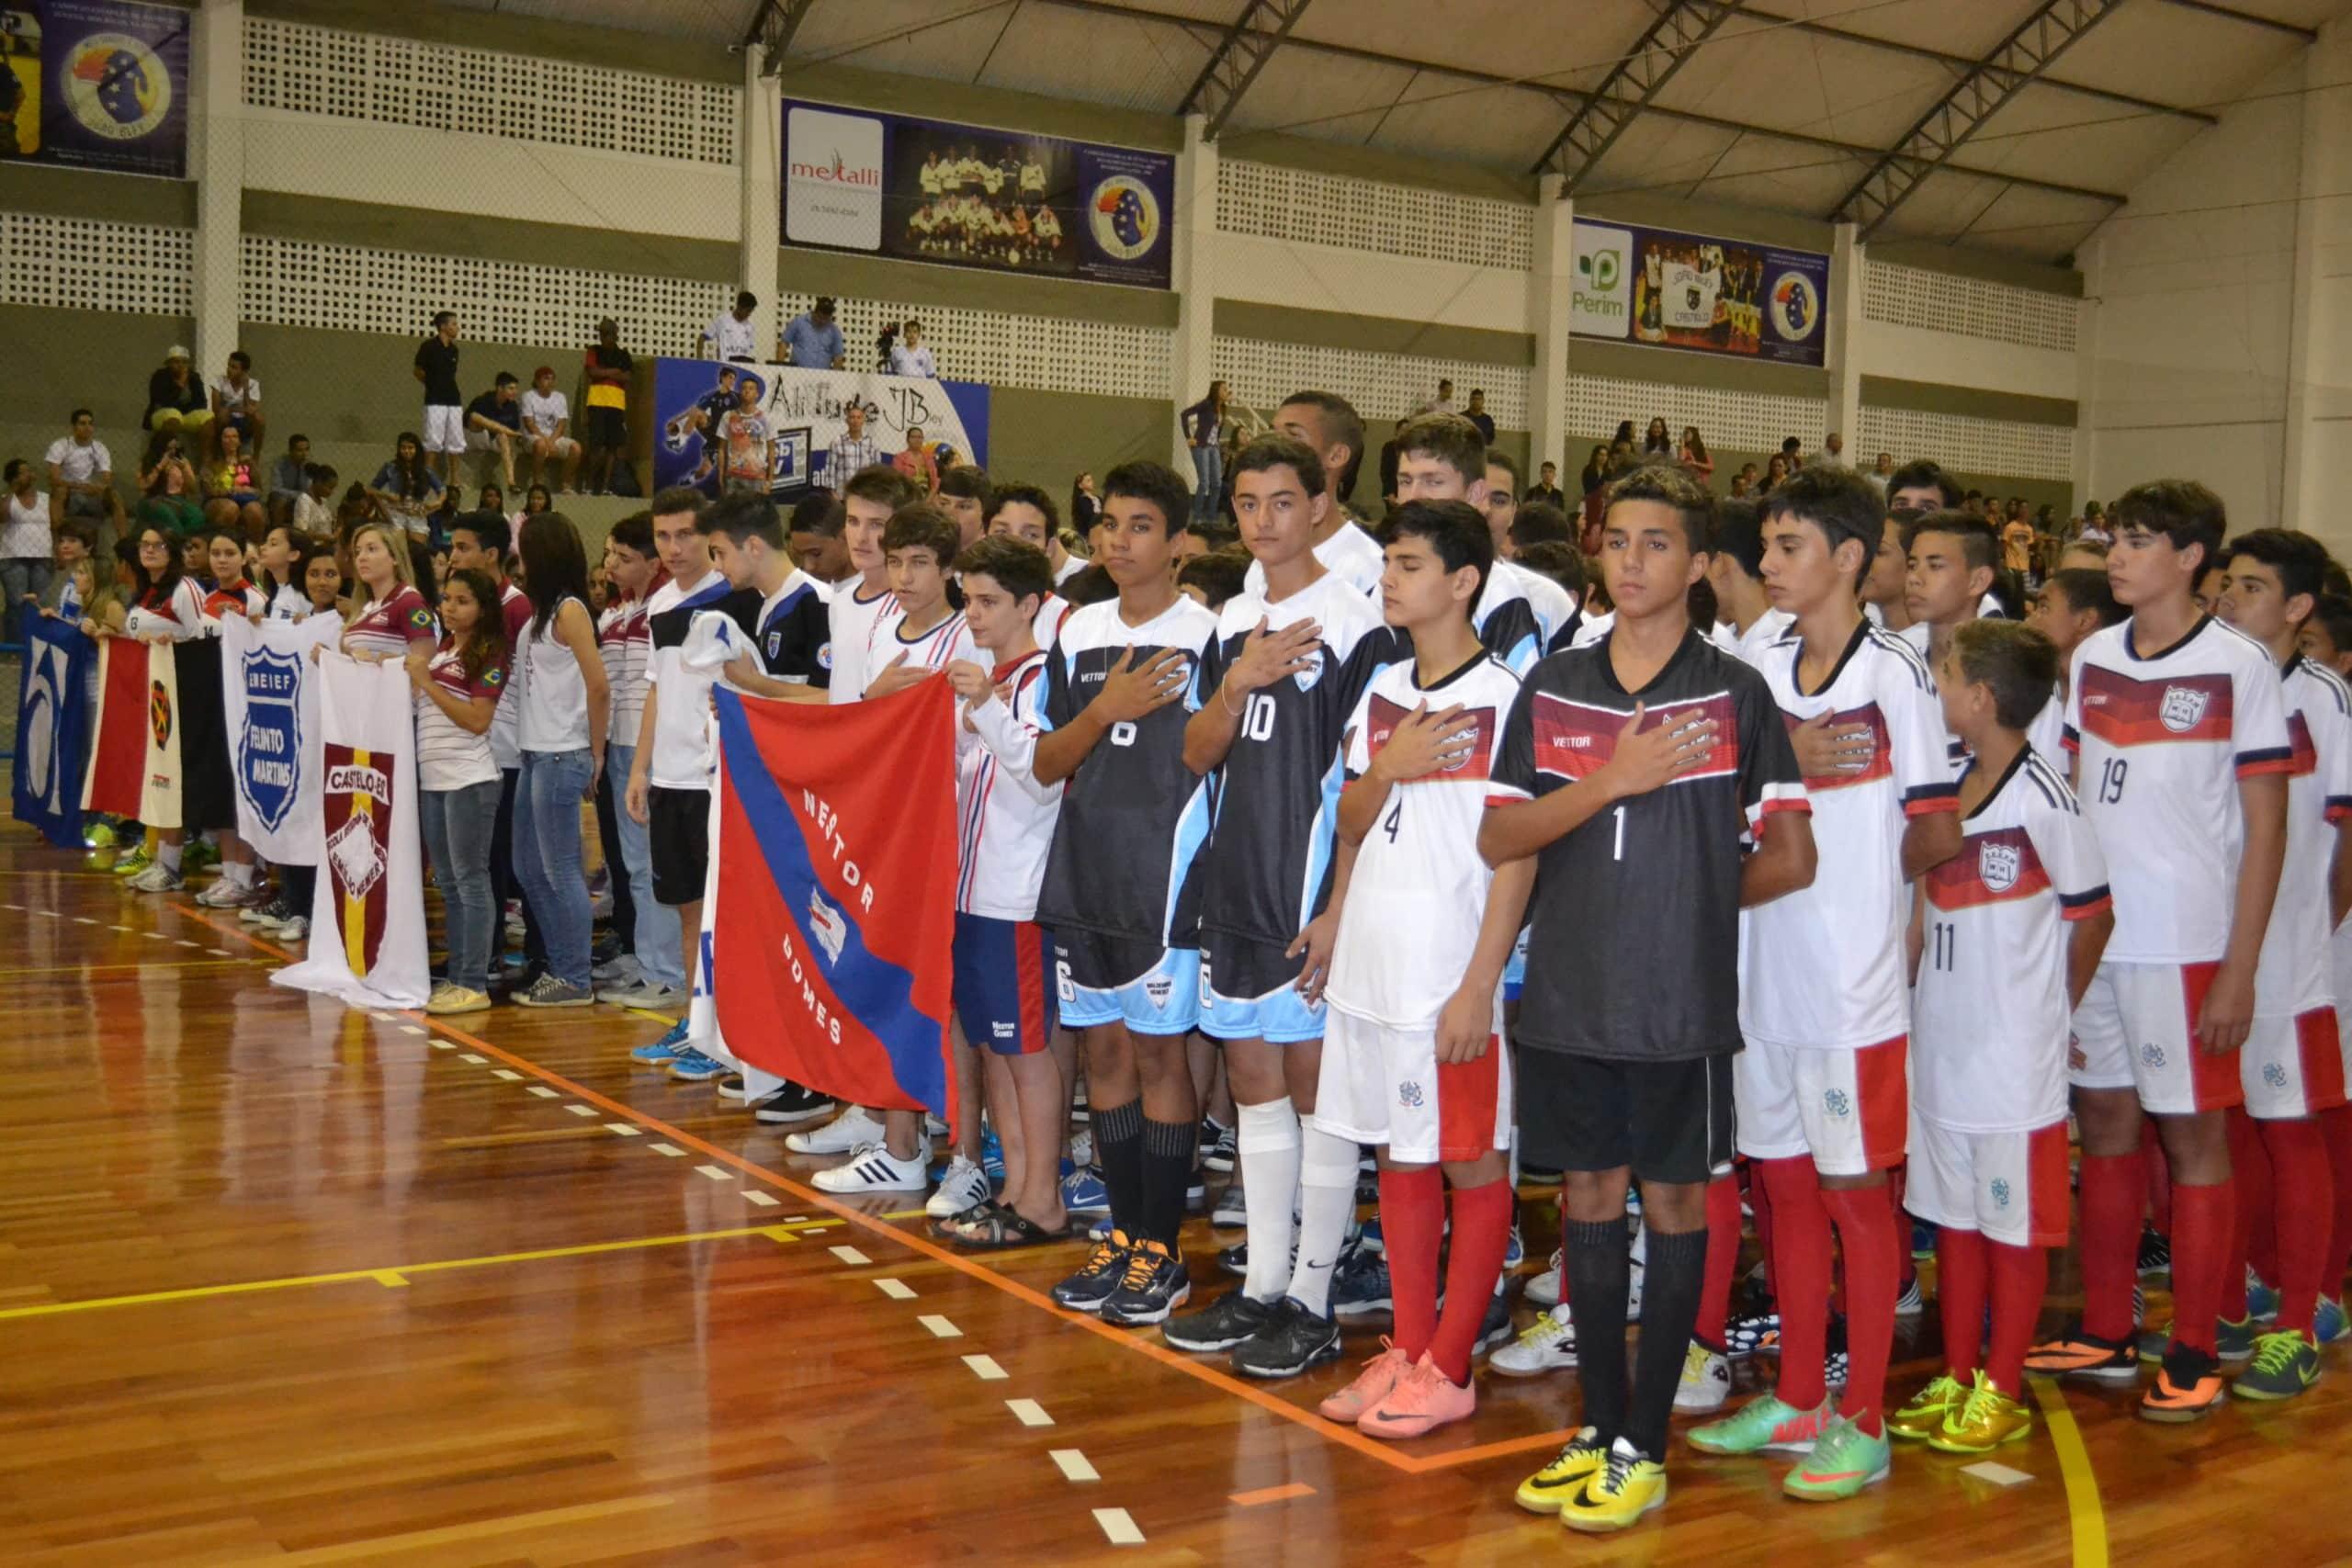 Os campeões estaduais terão a oportunidade de representar o Estado nos Jogos da Juventude